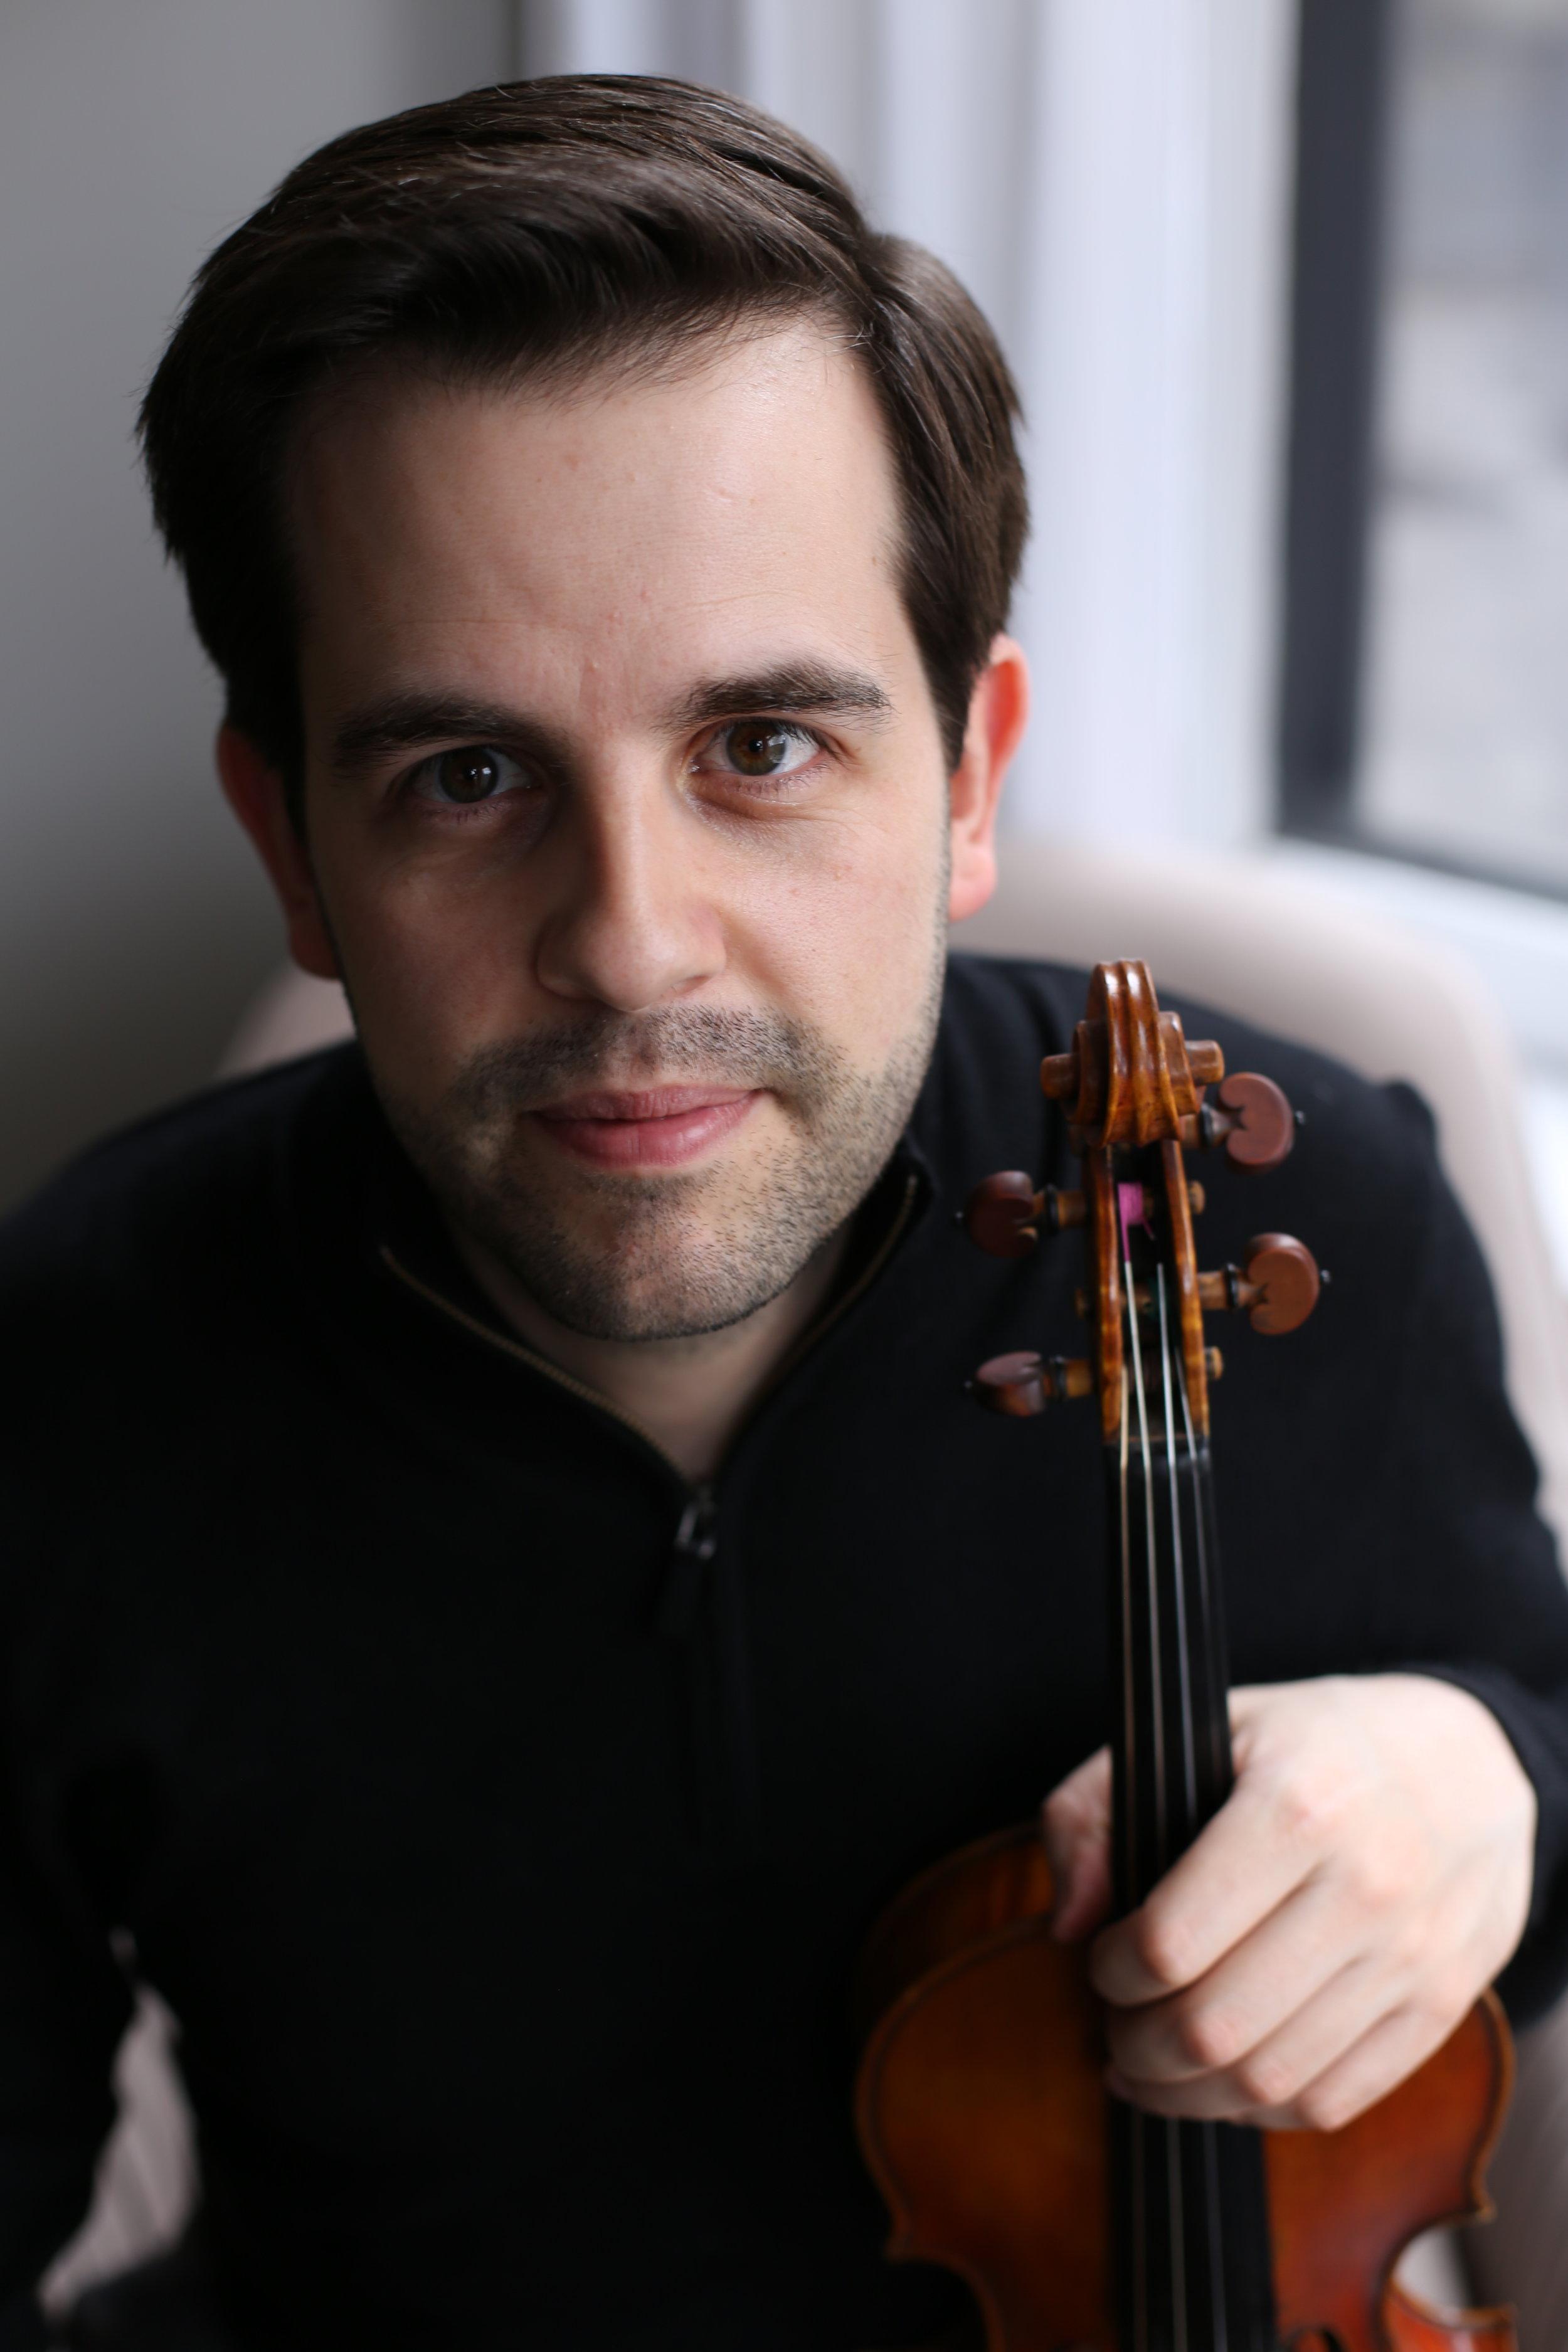 Dr. Jaime Gorgojo, Artistic Director